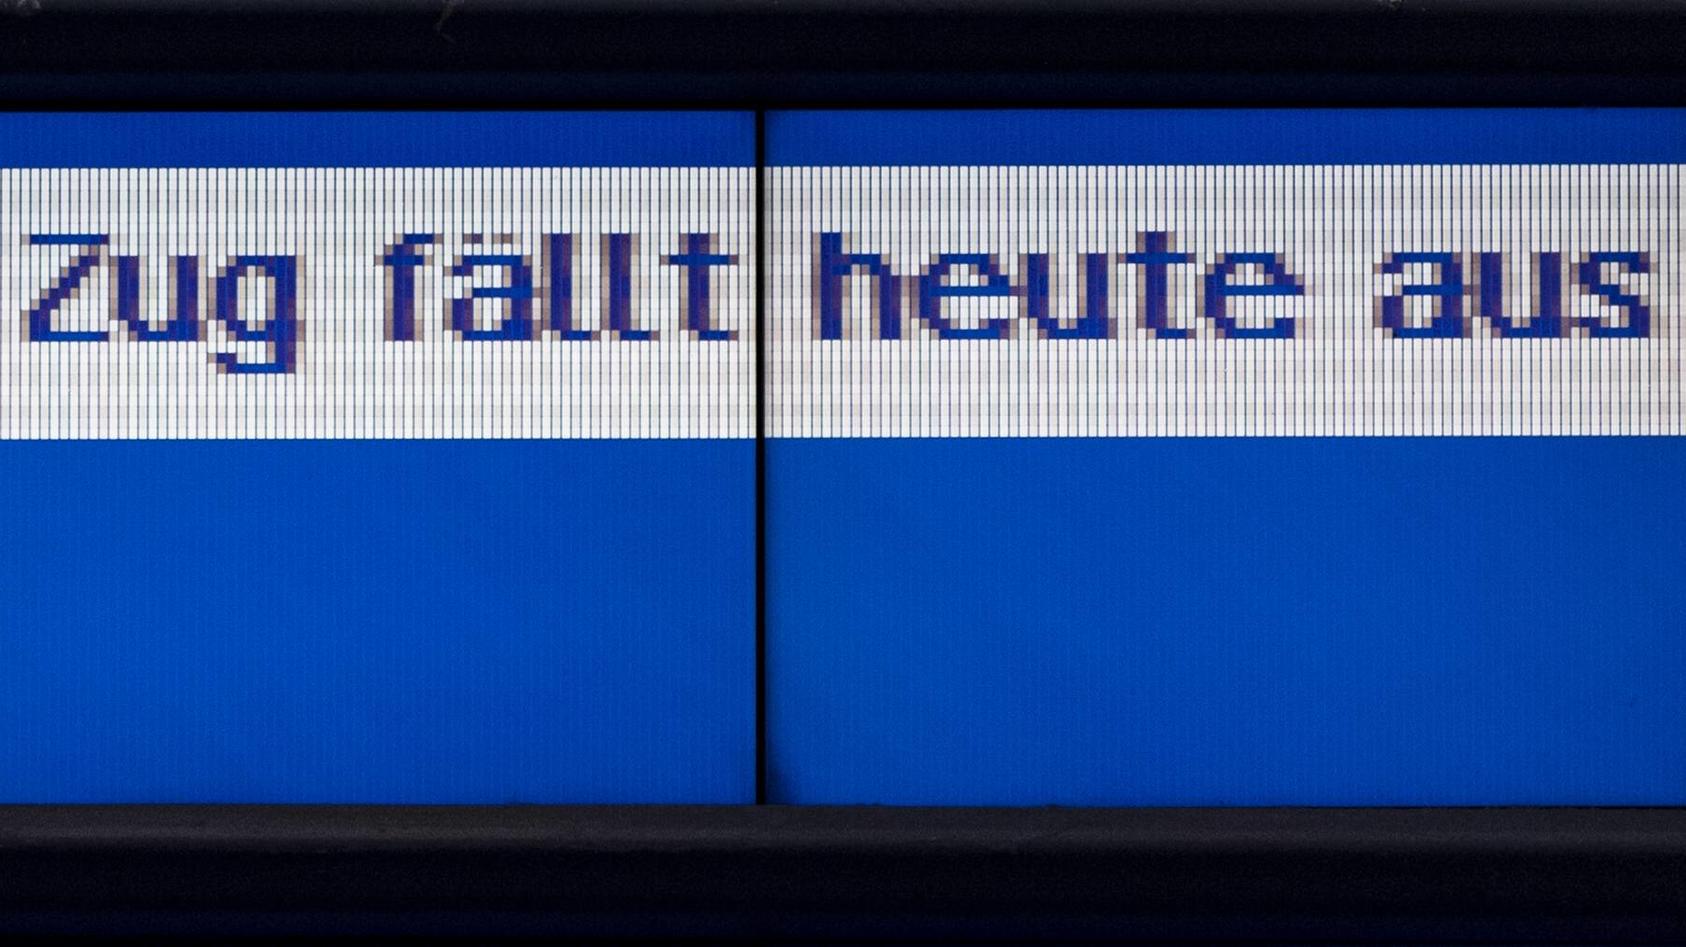 """Das blüht Urlaubern und Berufspendlern bei den angekündigten Bahnstreiks. """"Voll daneben"""", findet ntv-Wirtschaftschef Ulrich Reitz."""